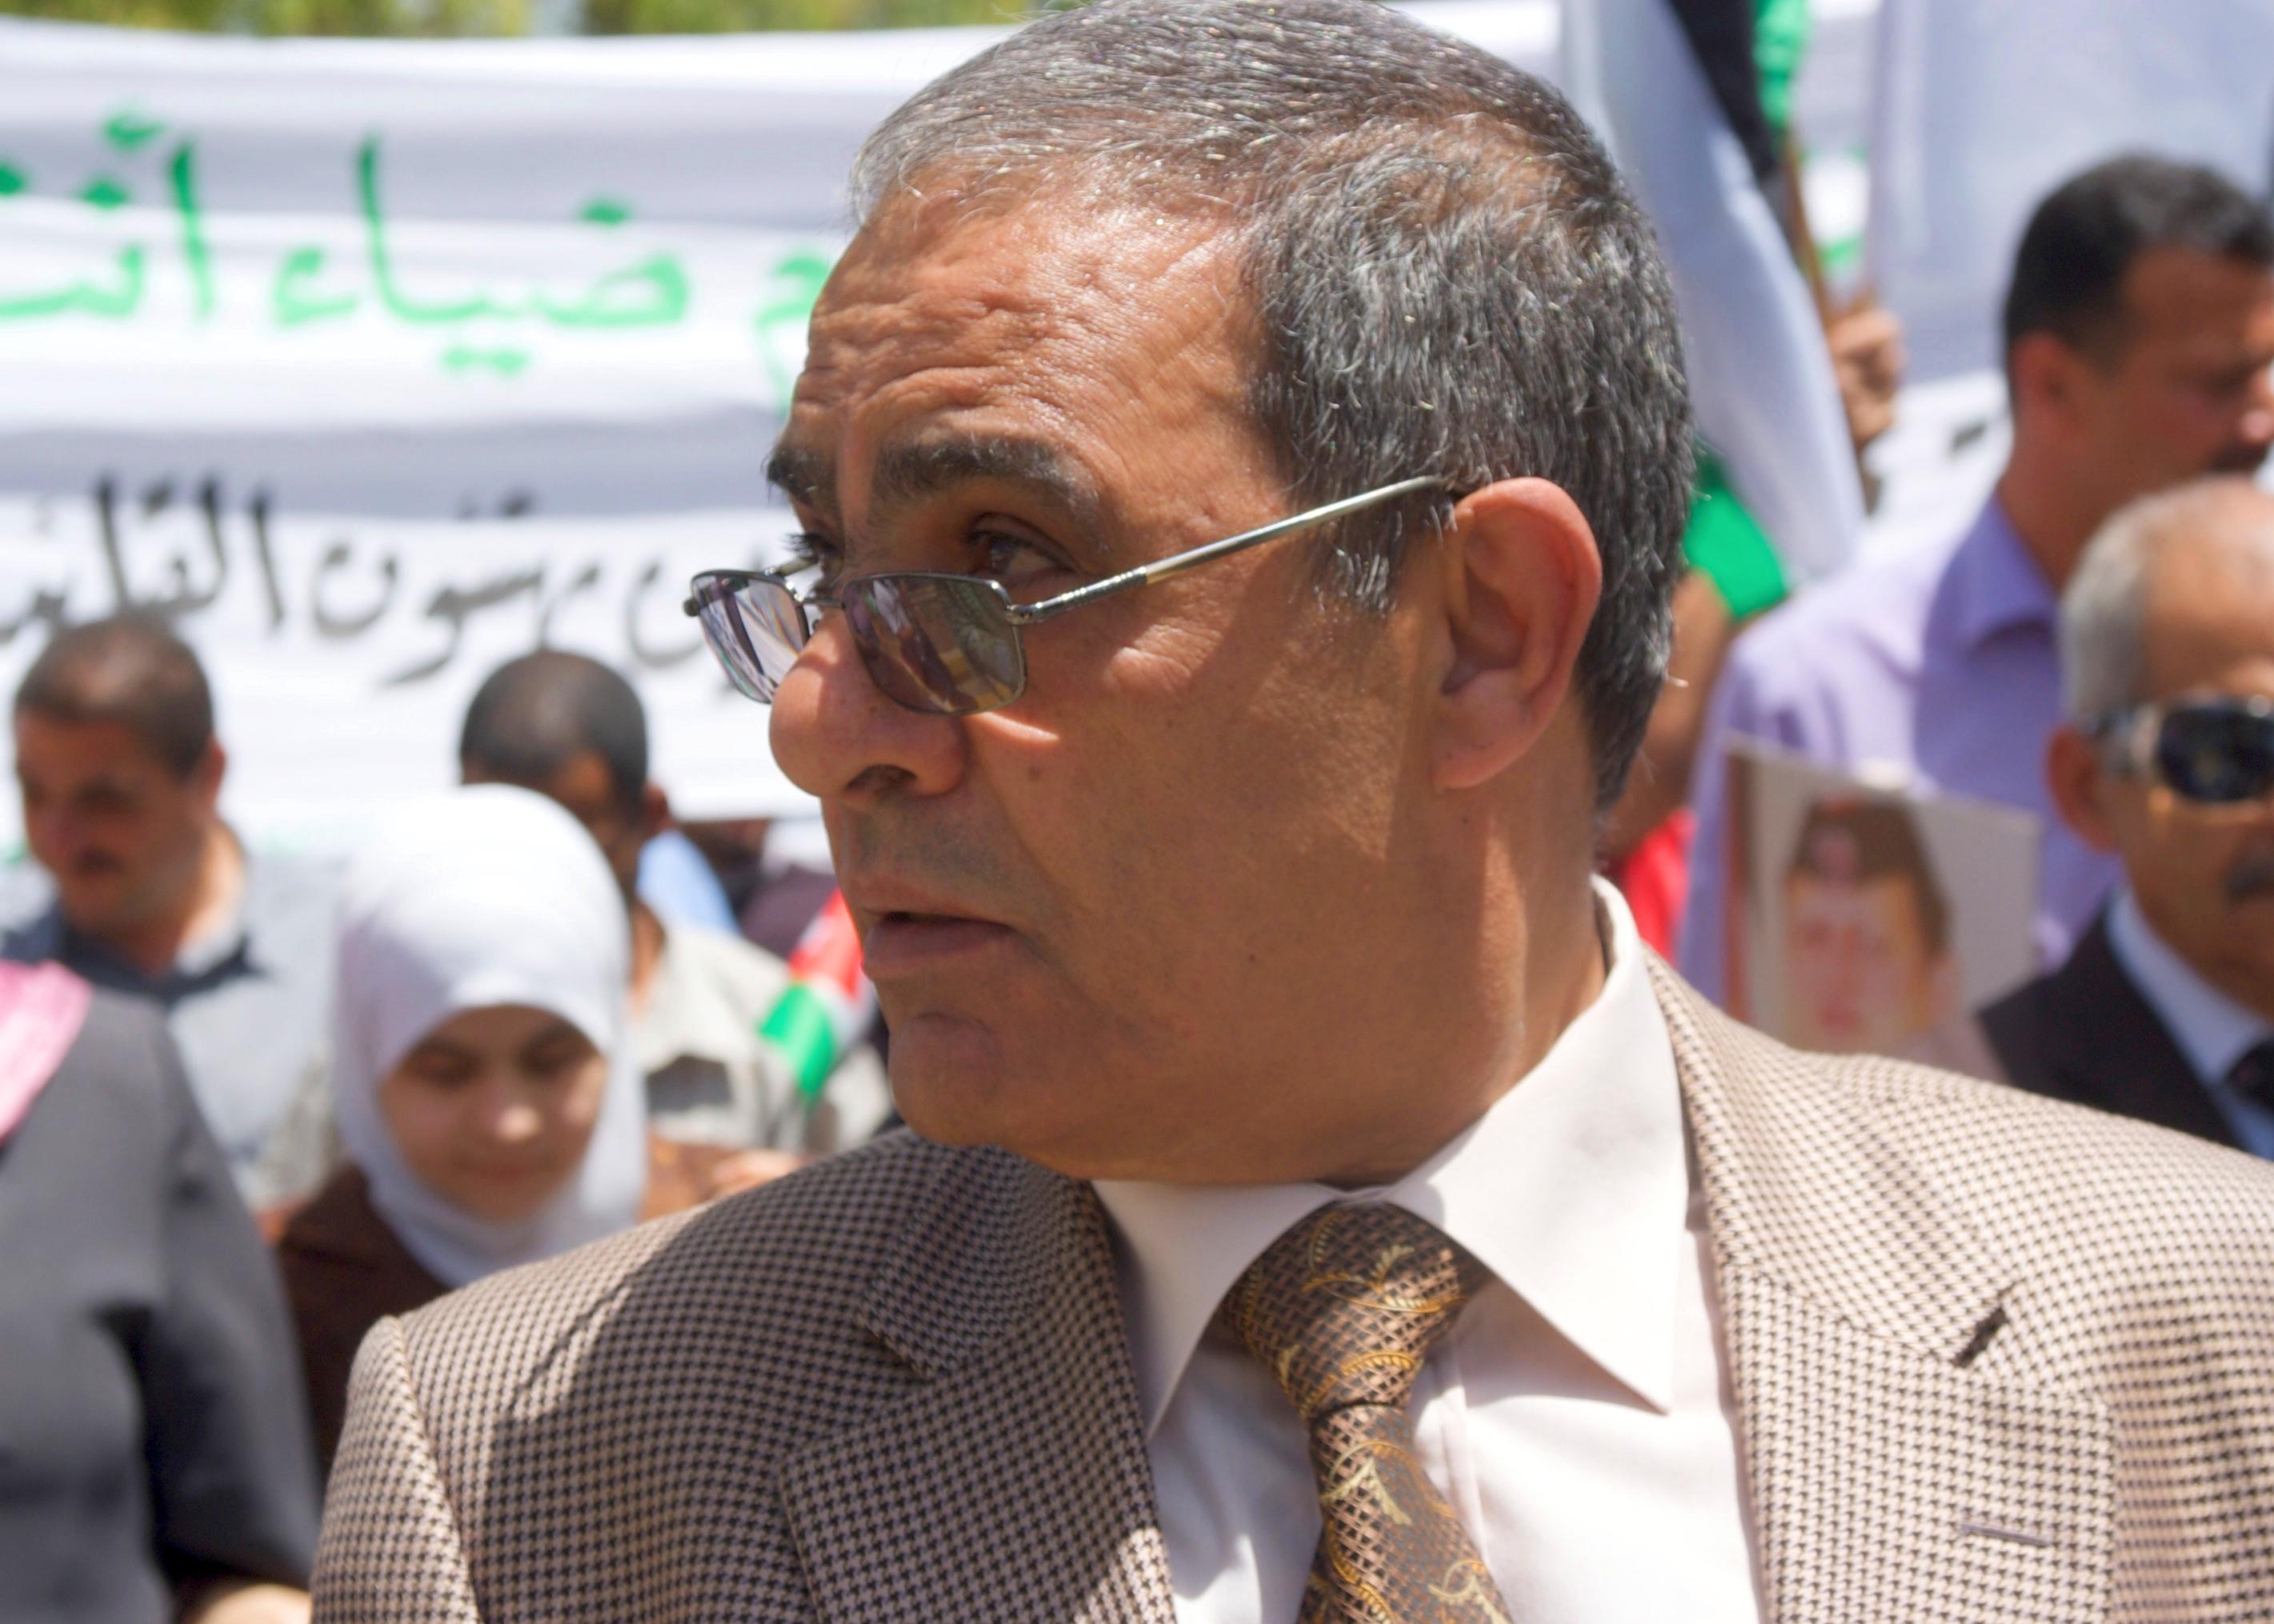 مقابلة جريدة الرأي مع السيد أحمد اللوزي رئيس الجمعية